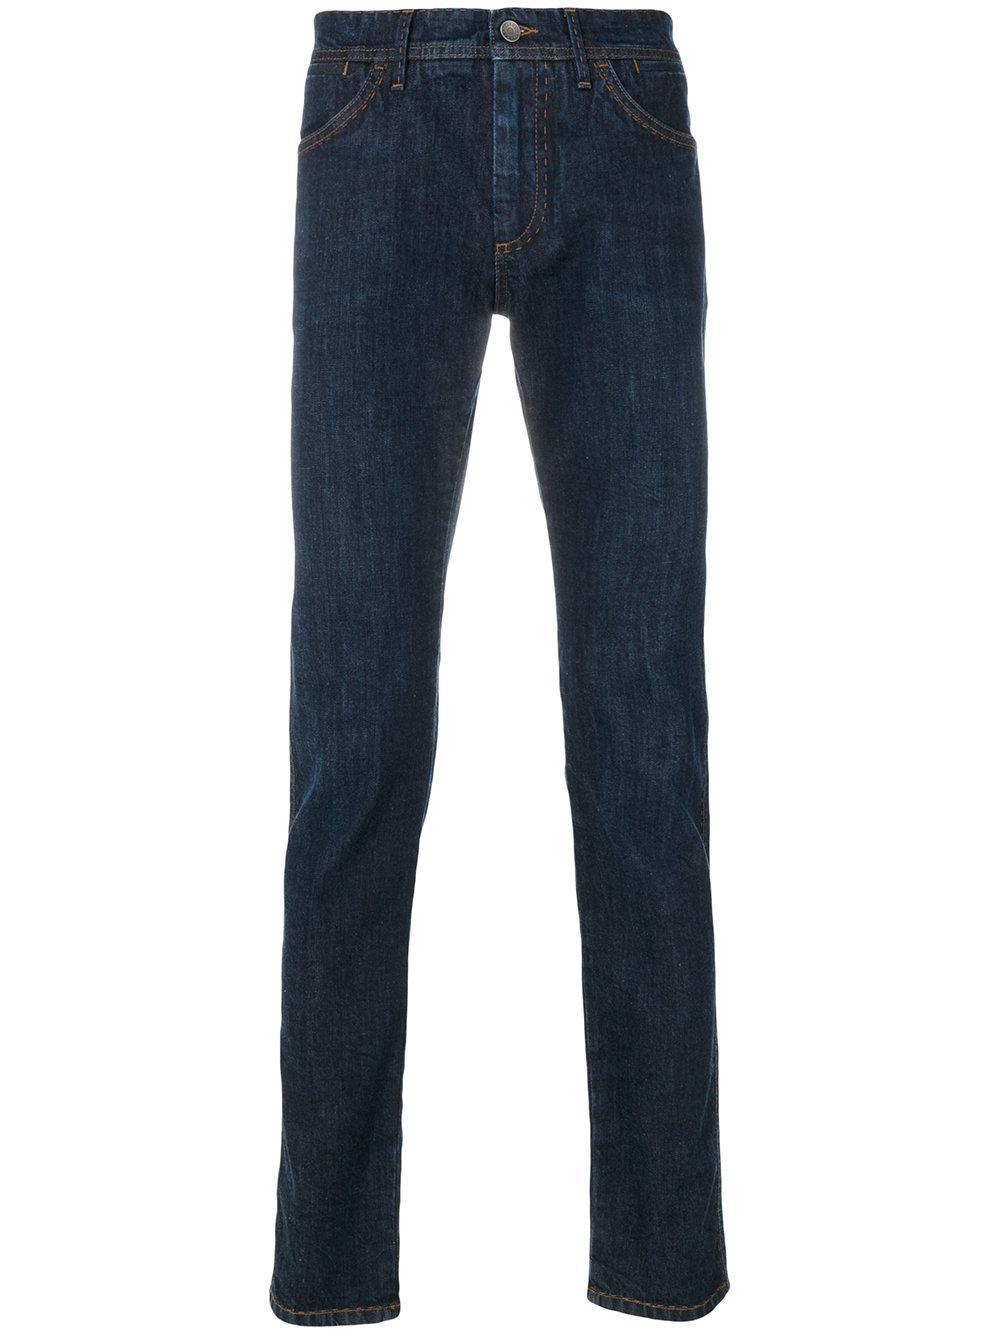 lyst dolce gabbana jeans vestibilit slim in blue for men. Black Bedroom Furniture Sets. Home Design Ideas